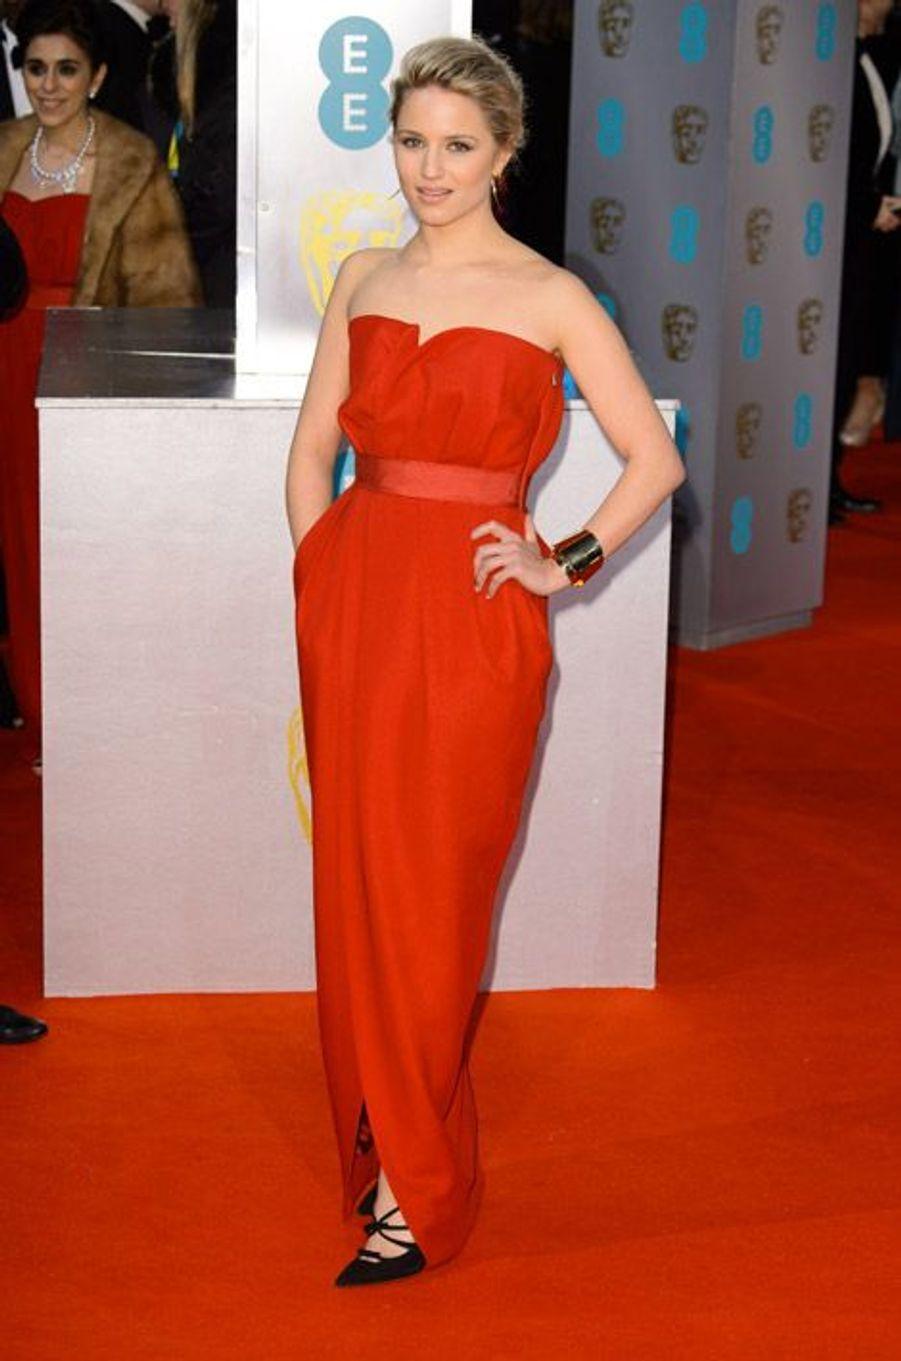 L'actrice Dianna Agron en Lanvin lors de la cérémonie des BAFTA le 8 février 2015